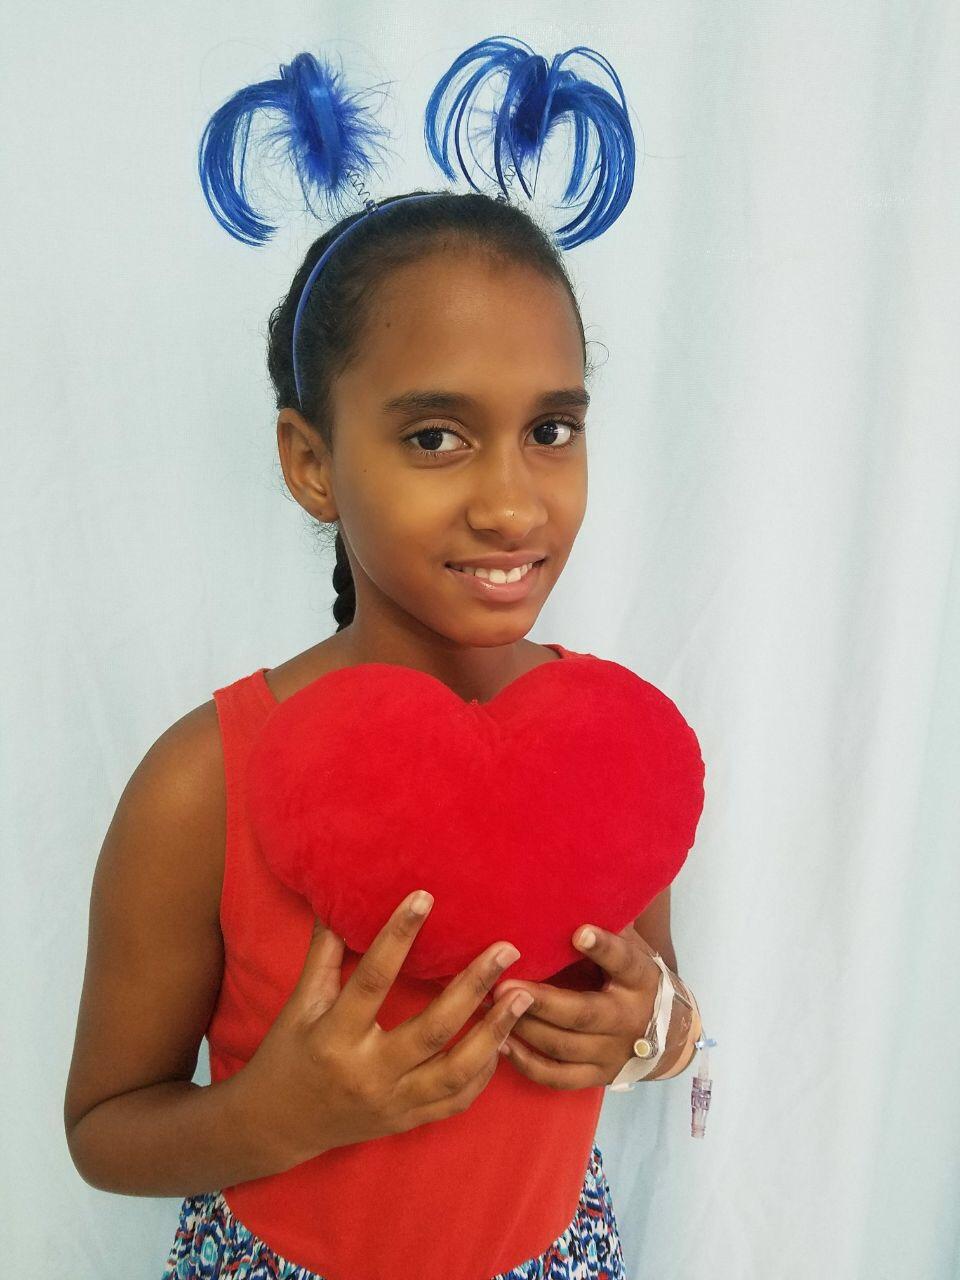 Mariel ist 12 Jahre alt und wurde mit einem Herzfehler geboren. Als Mariel älter wurde, verschlechterte sich ihr Herzzustand zunehmend. Obwohl Laufen ihr Lieblingssport ist, konnte Mariel nicht mehr toben. Ihre Eltern sind geschieden, helfen jedoch immer zusammen, wenn es um Mariels Gesundheit geht. Auch ihre Gemeinde hat Geld gesammelt, um die An- und Rückreise in das Krankenhaus zu ermöglichen. Mariels Loch in der Herzscheidewand wurde erfolgreich Dank Ihren Spenden geschlossen!